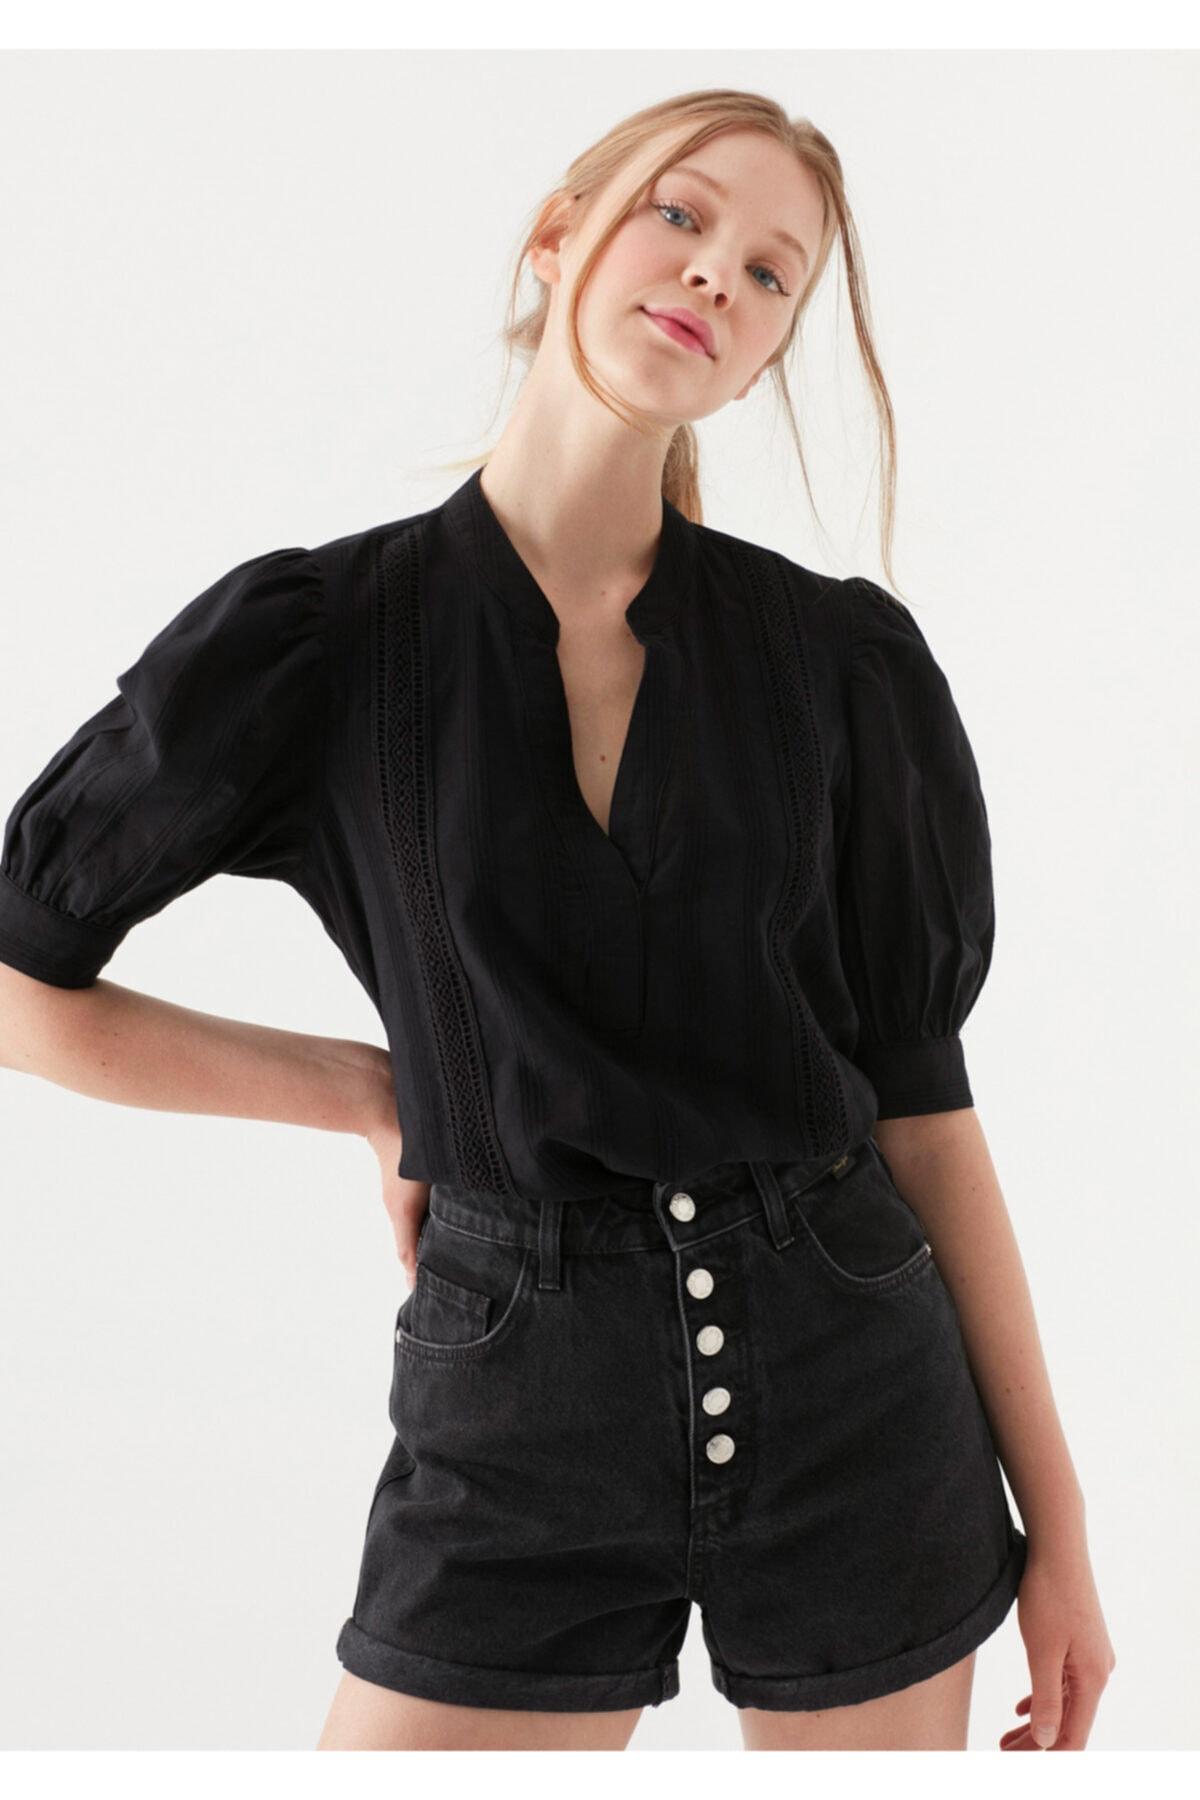 Dantel Detaylı Siyah Bluz 122807-900